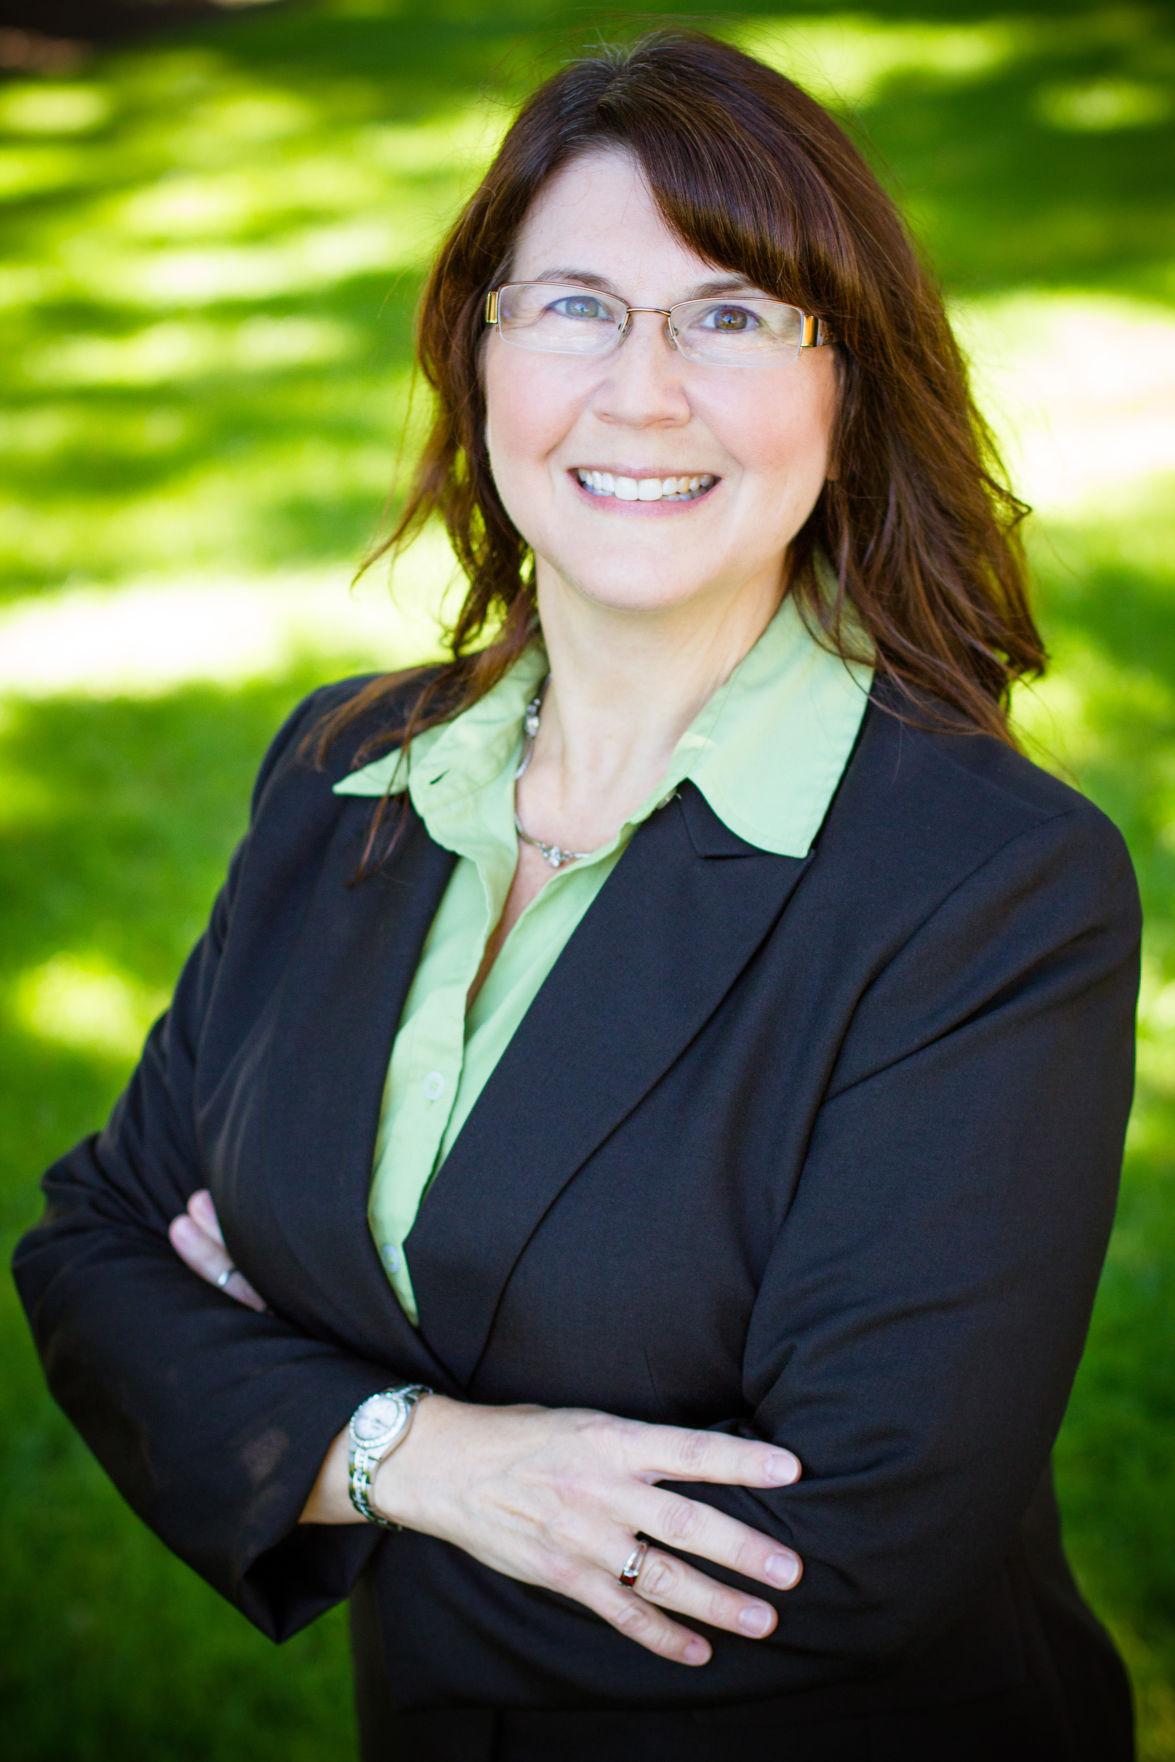 Gleason running for State Senate